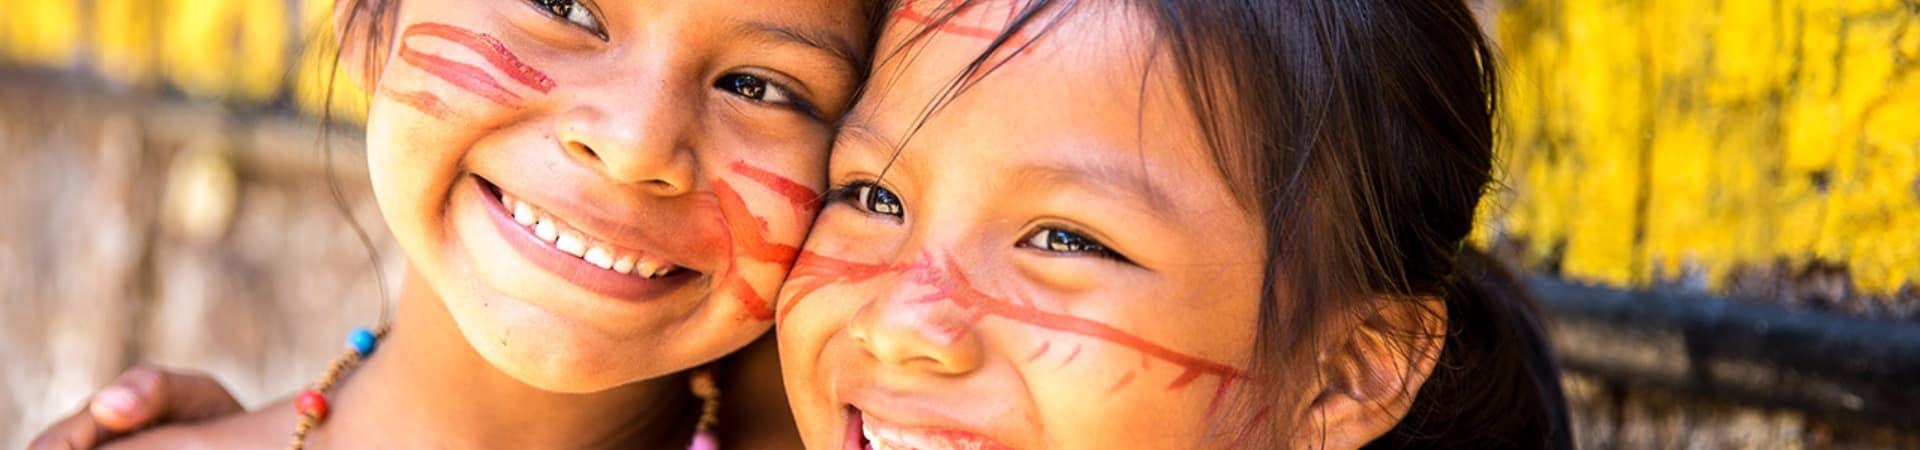 Amazonia criancas indias